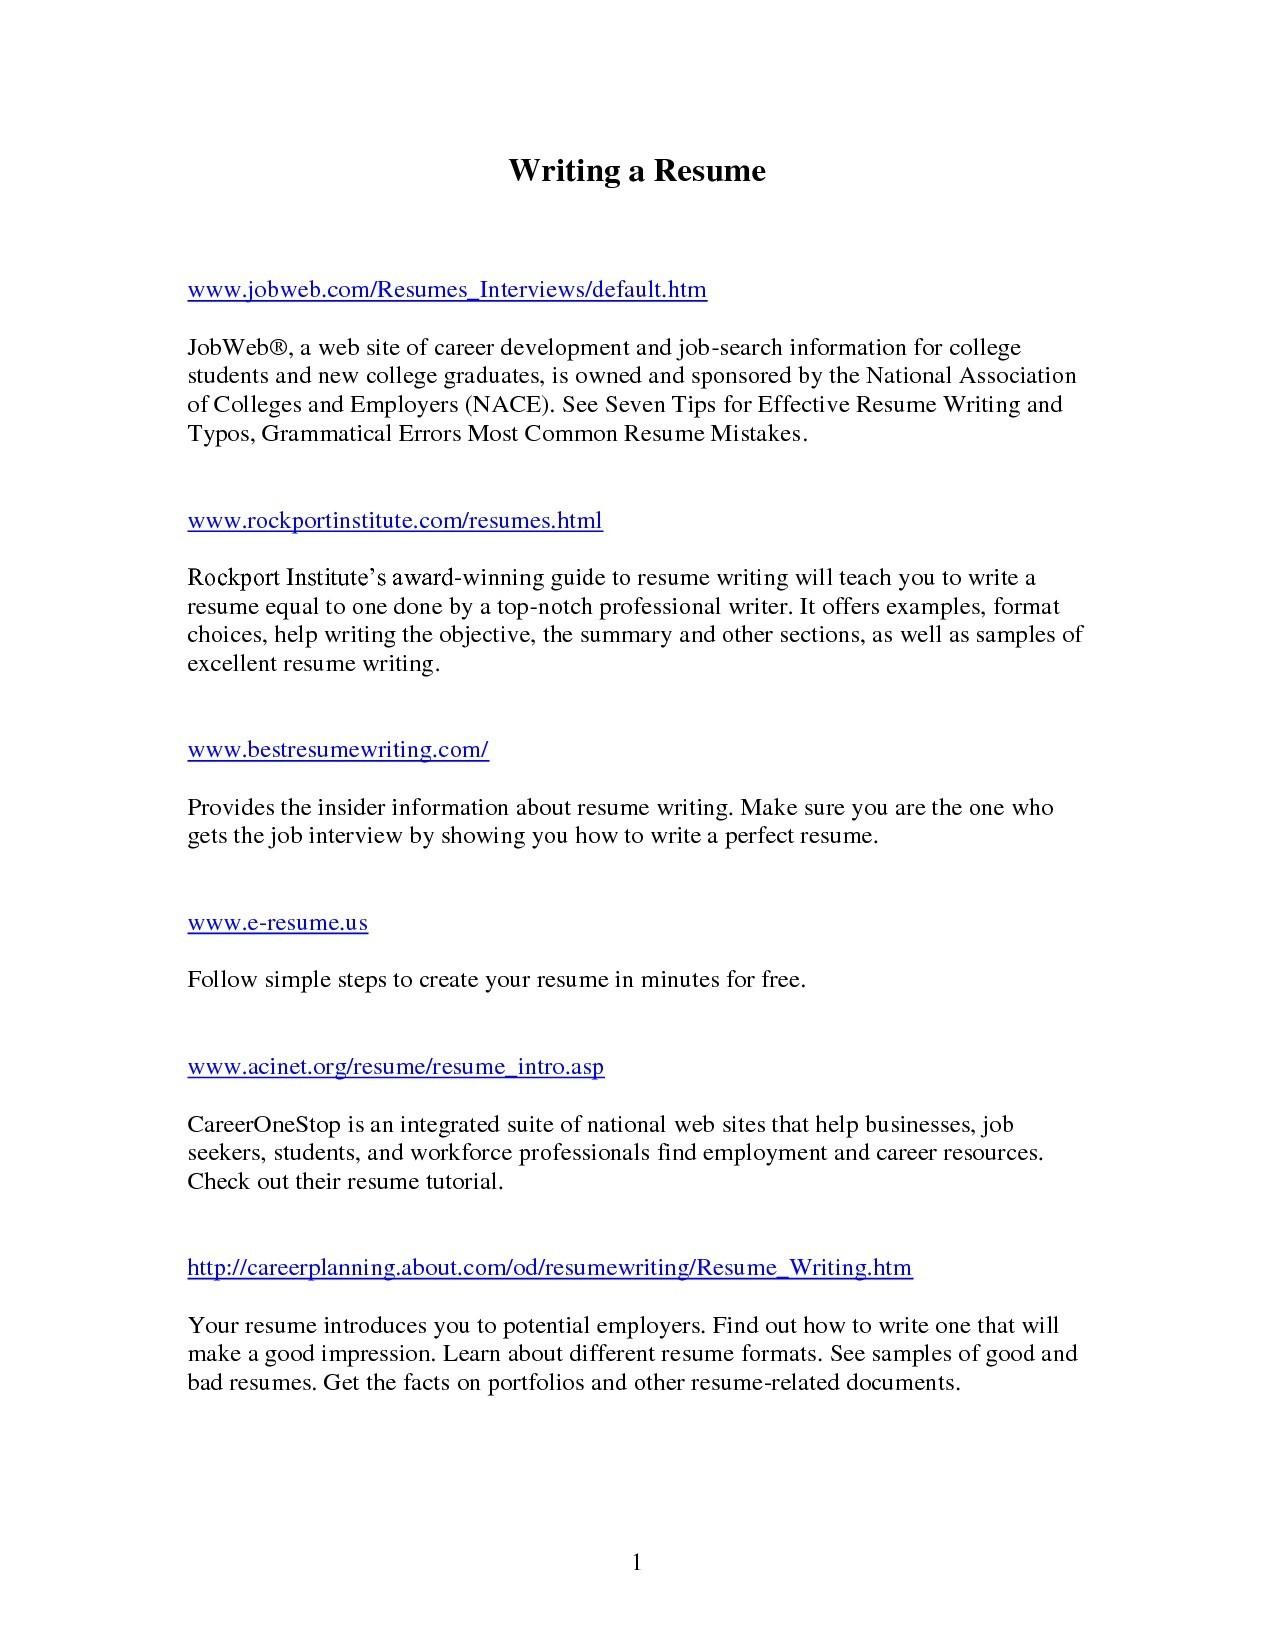 Free Job Offer Letter Template - Job Fer Letter Template Fresh Job Fer Negotiation Letter Sample